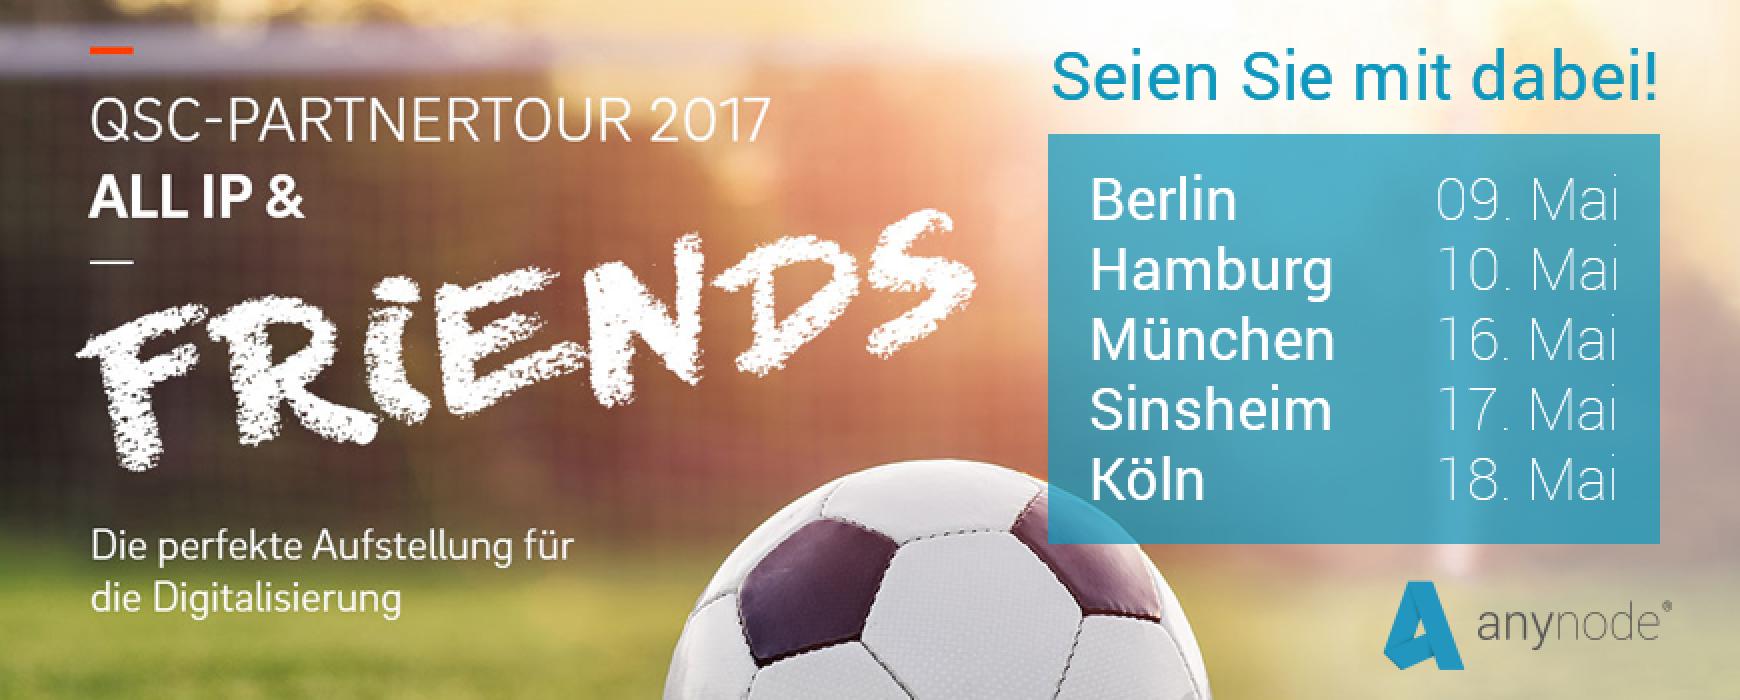 QSC-Partnertour: anynode spielt erste Liga